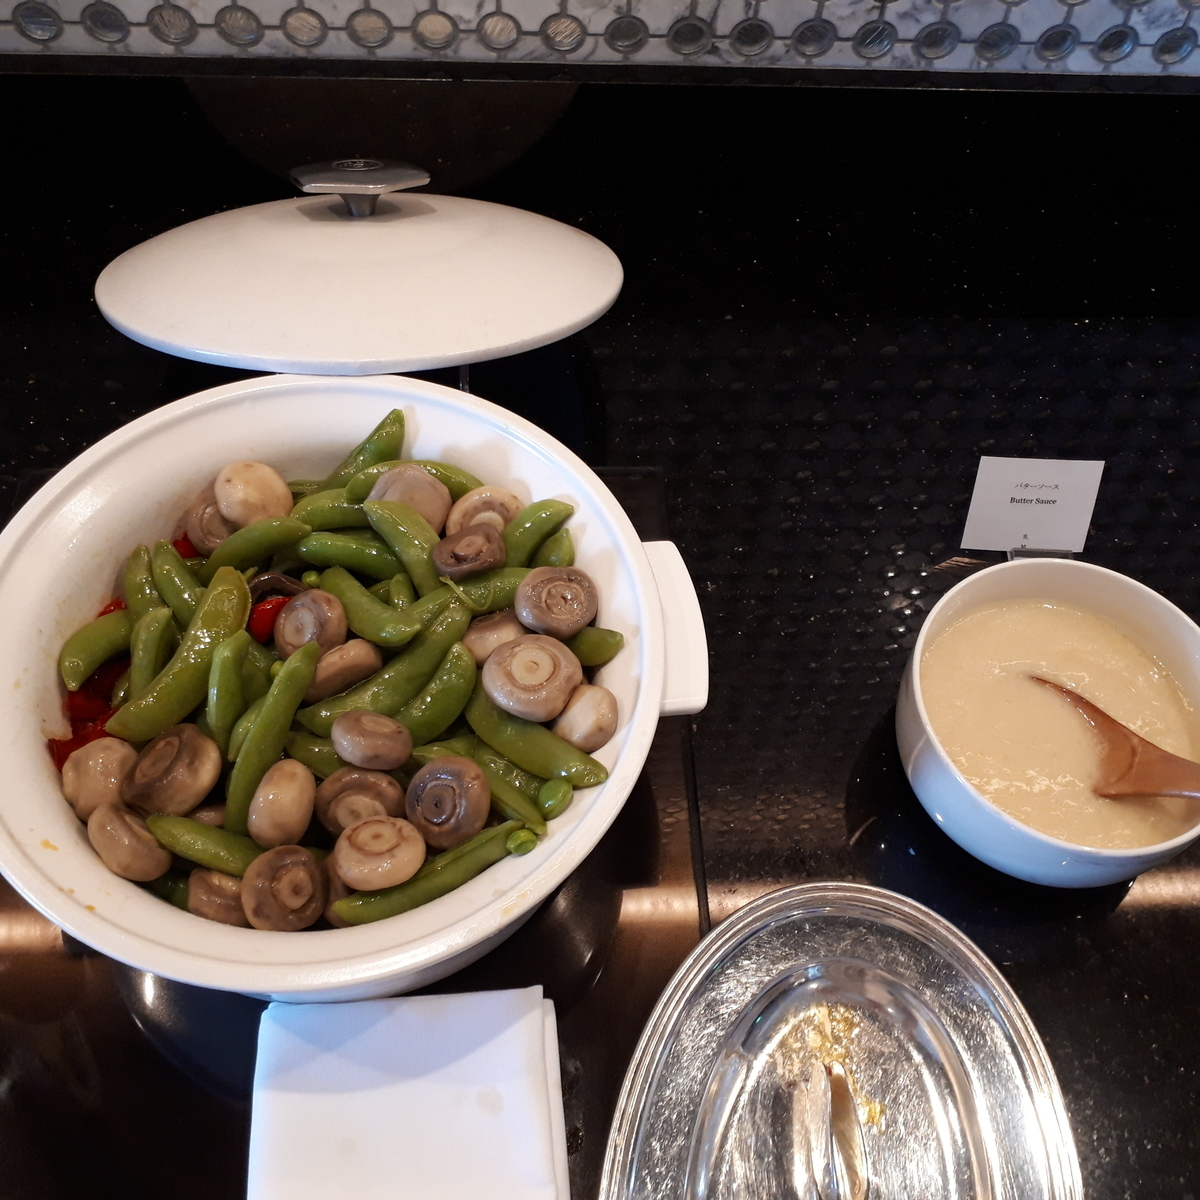 リッツカールトン大阪 クラブラウンジ 朝食 マッシュルーム いんげん パプリカ